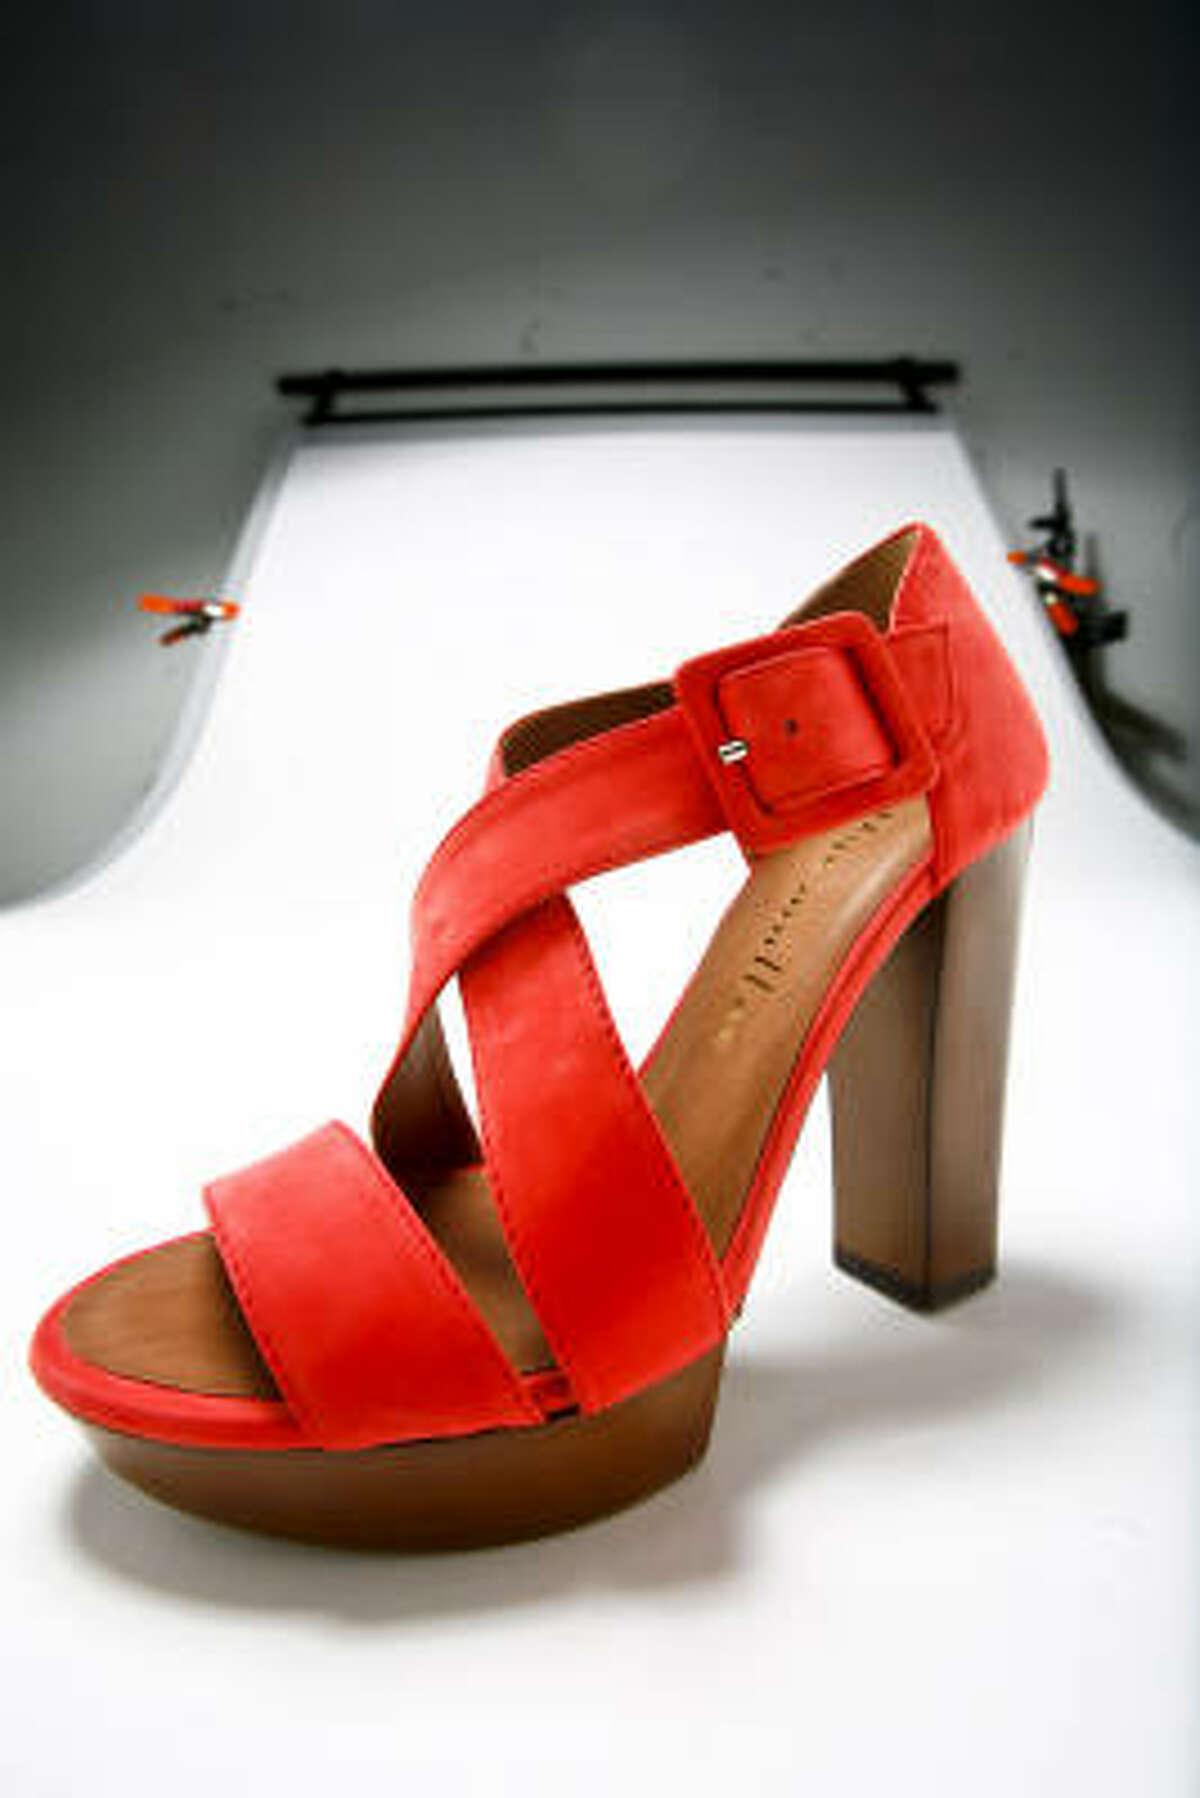 Bettye Muller coral sandal, $495, Tootsies.